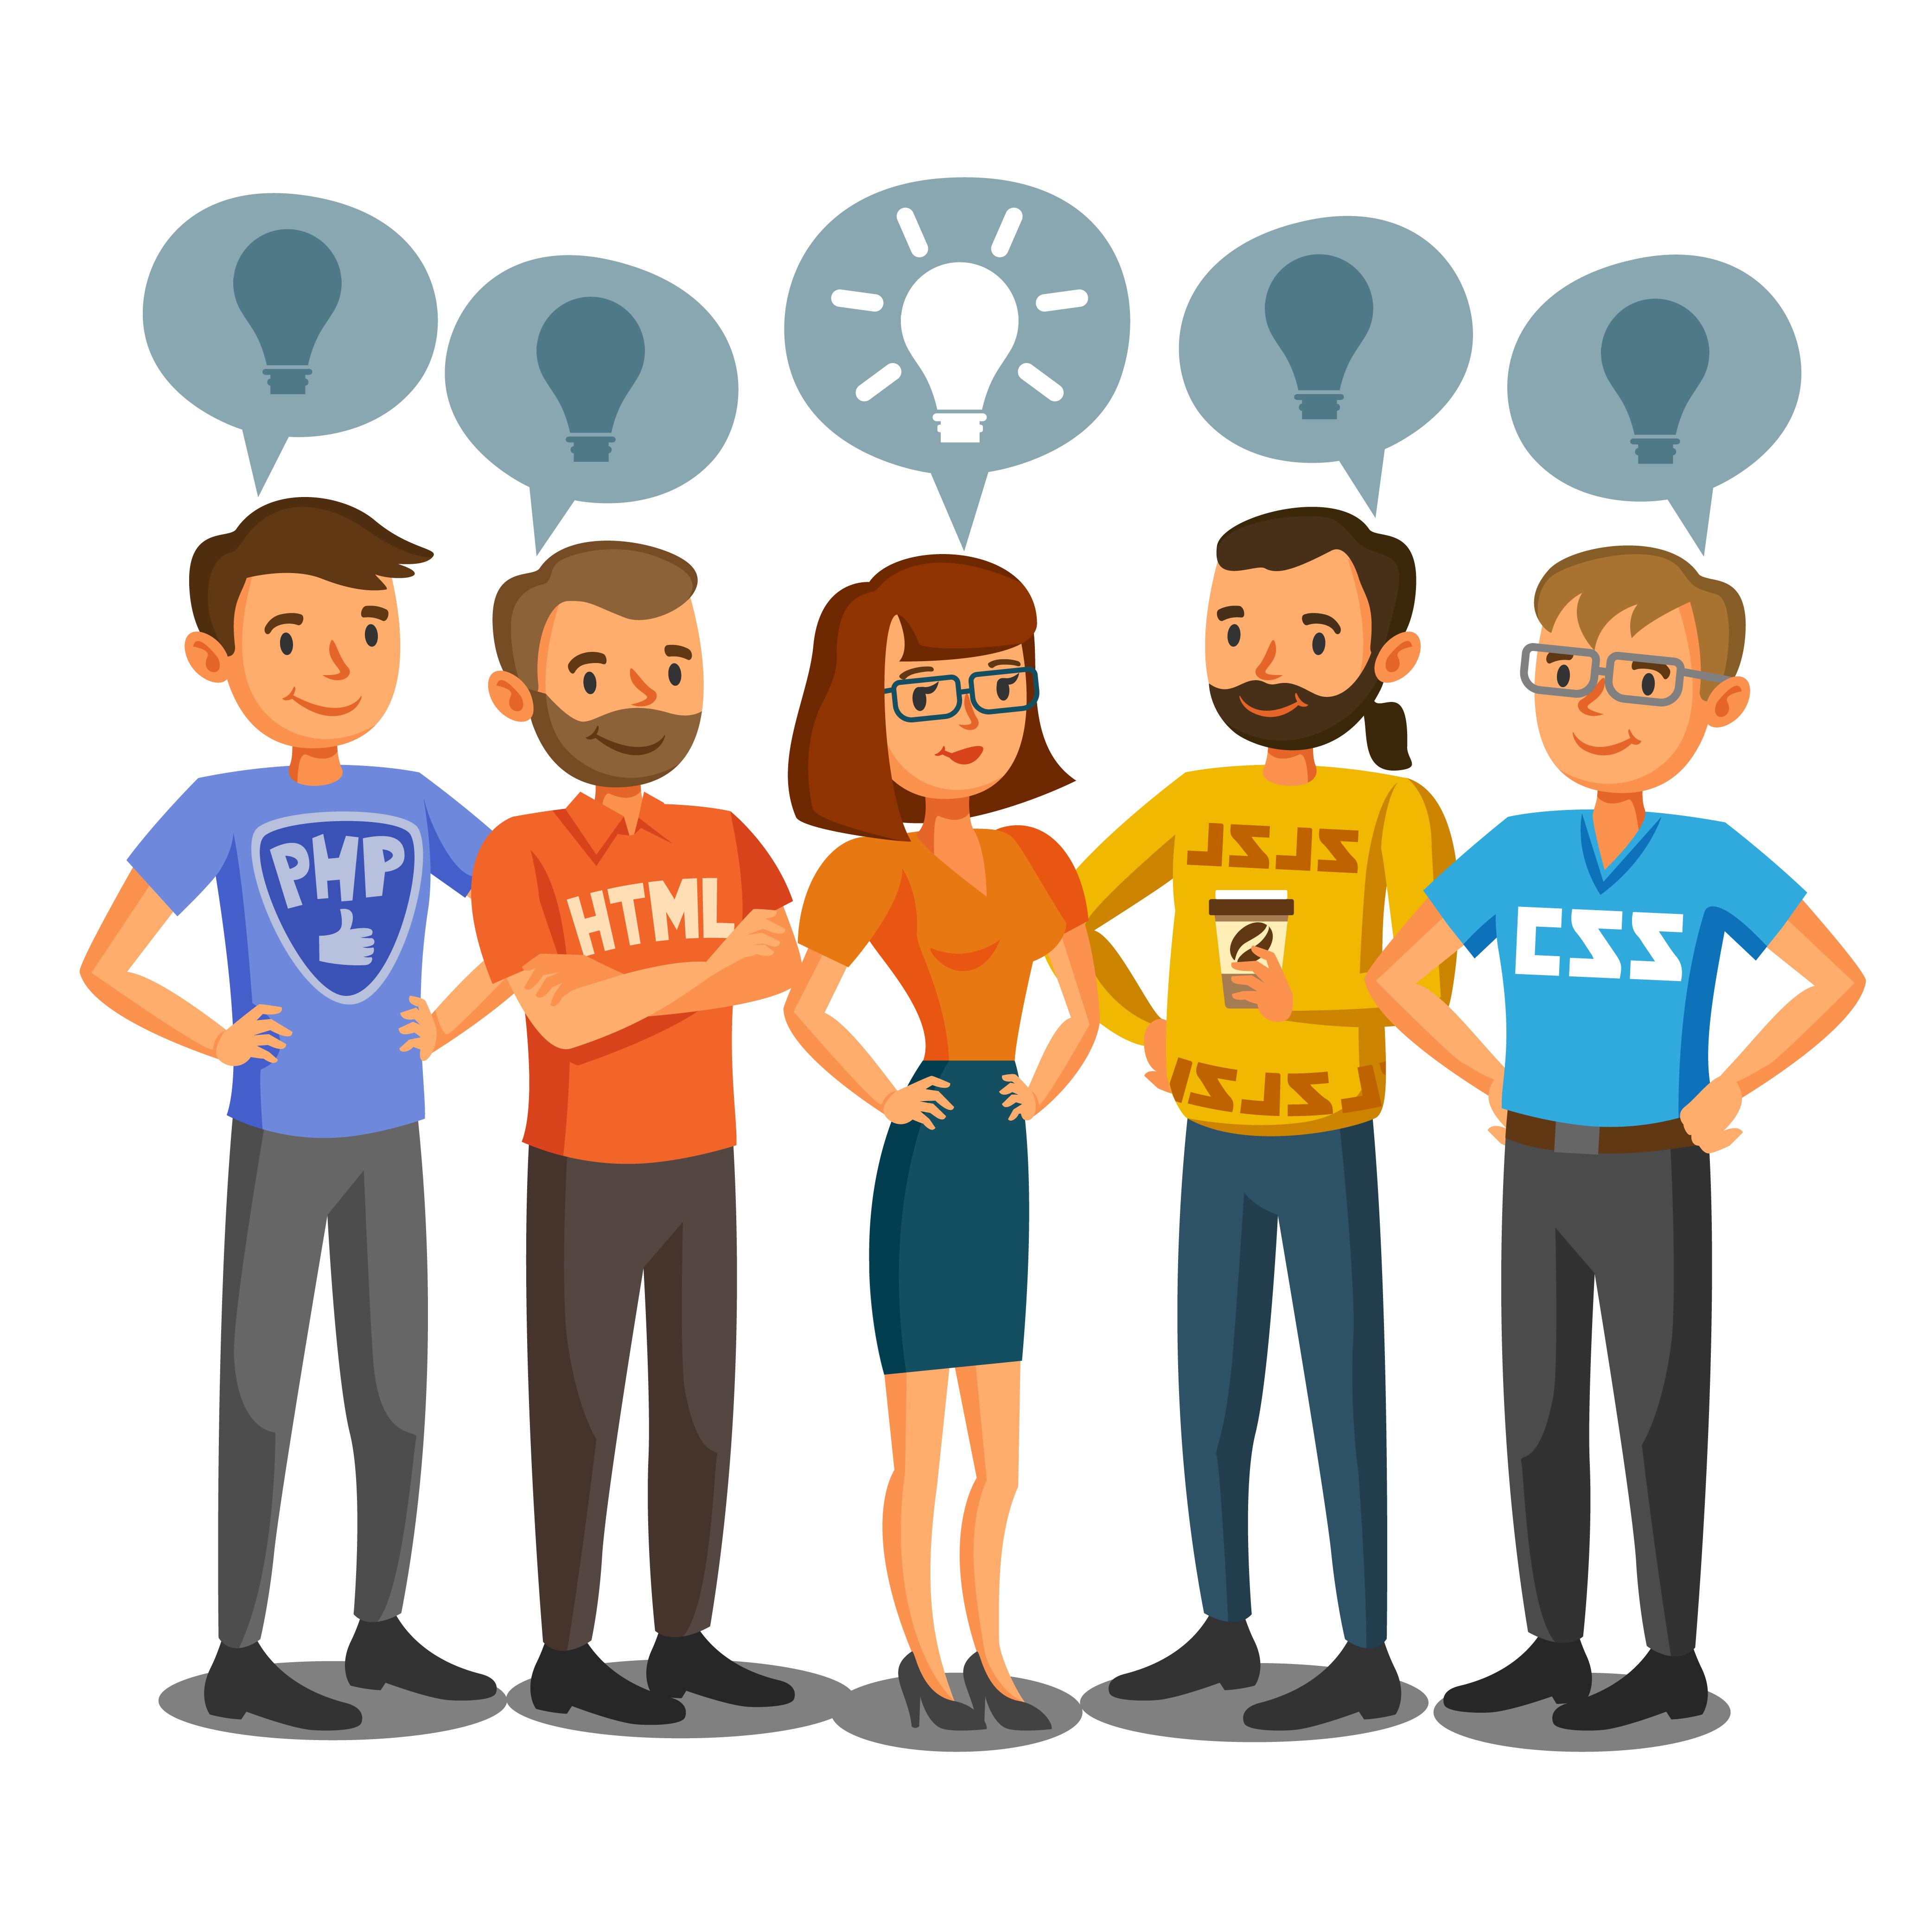 OCR developers